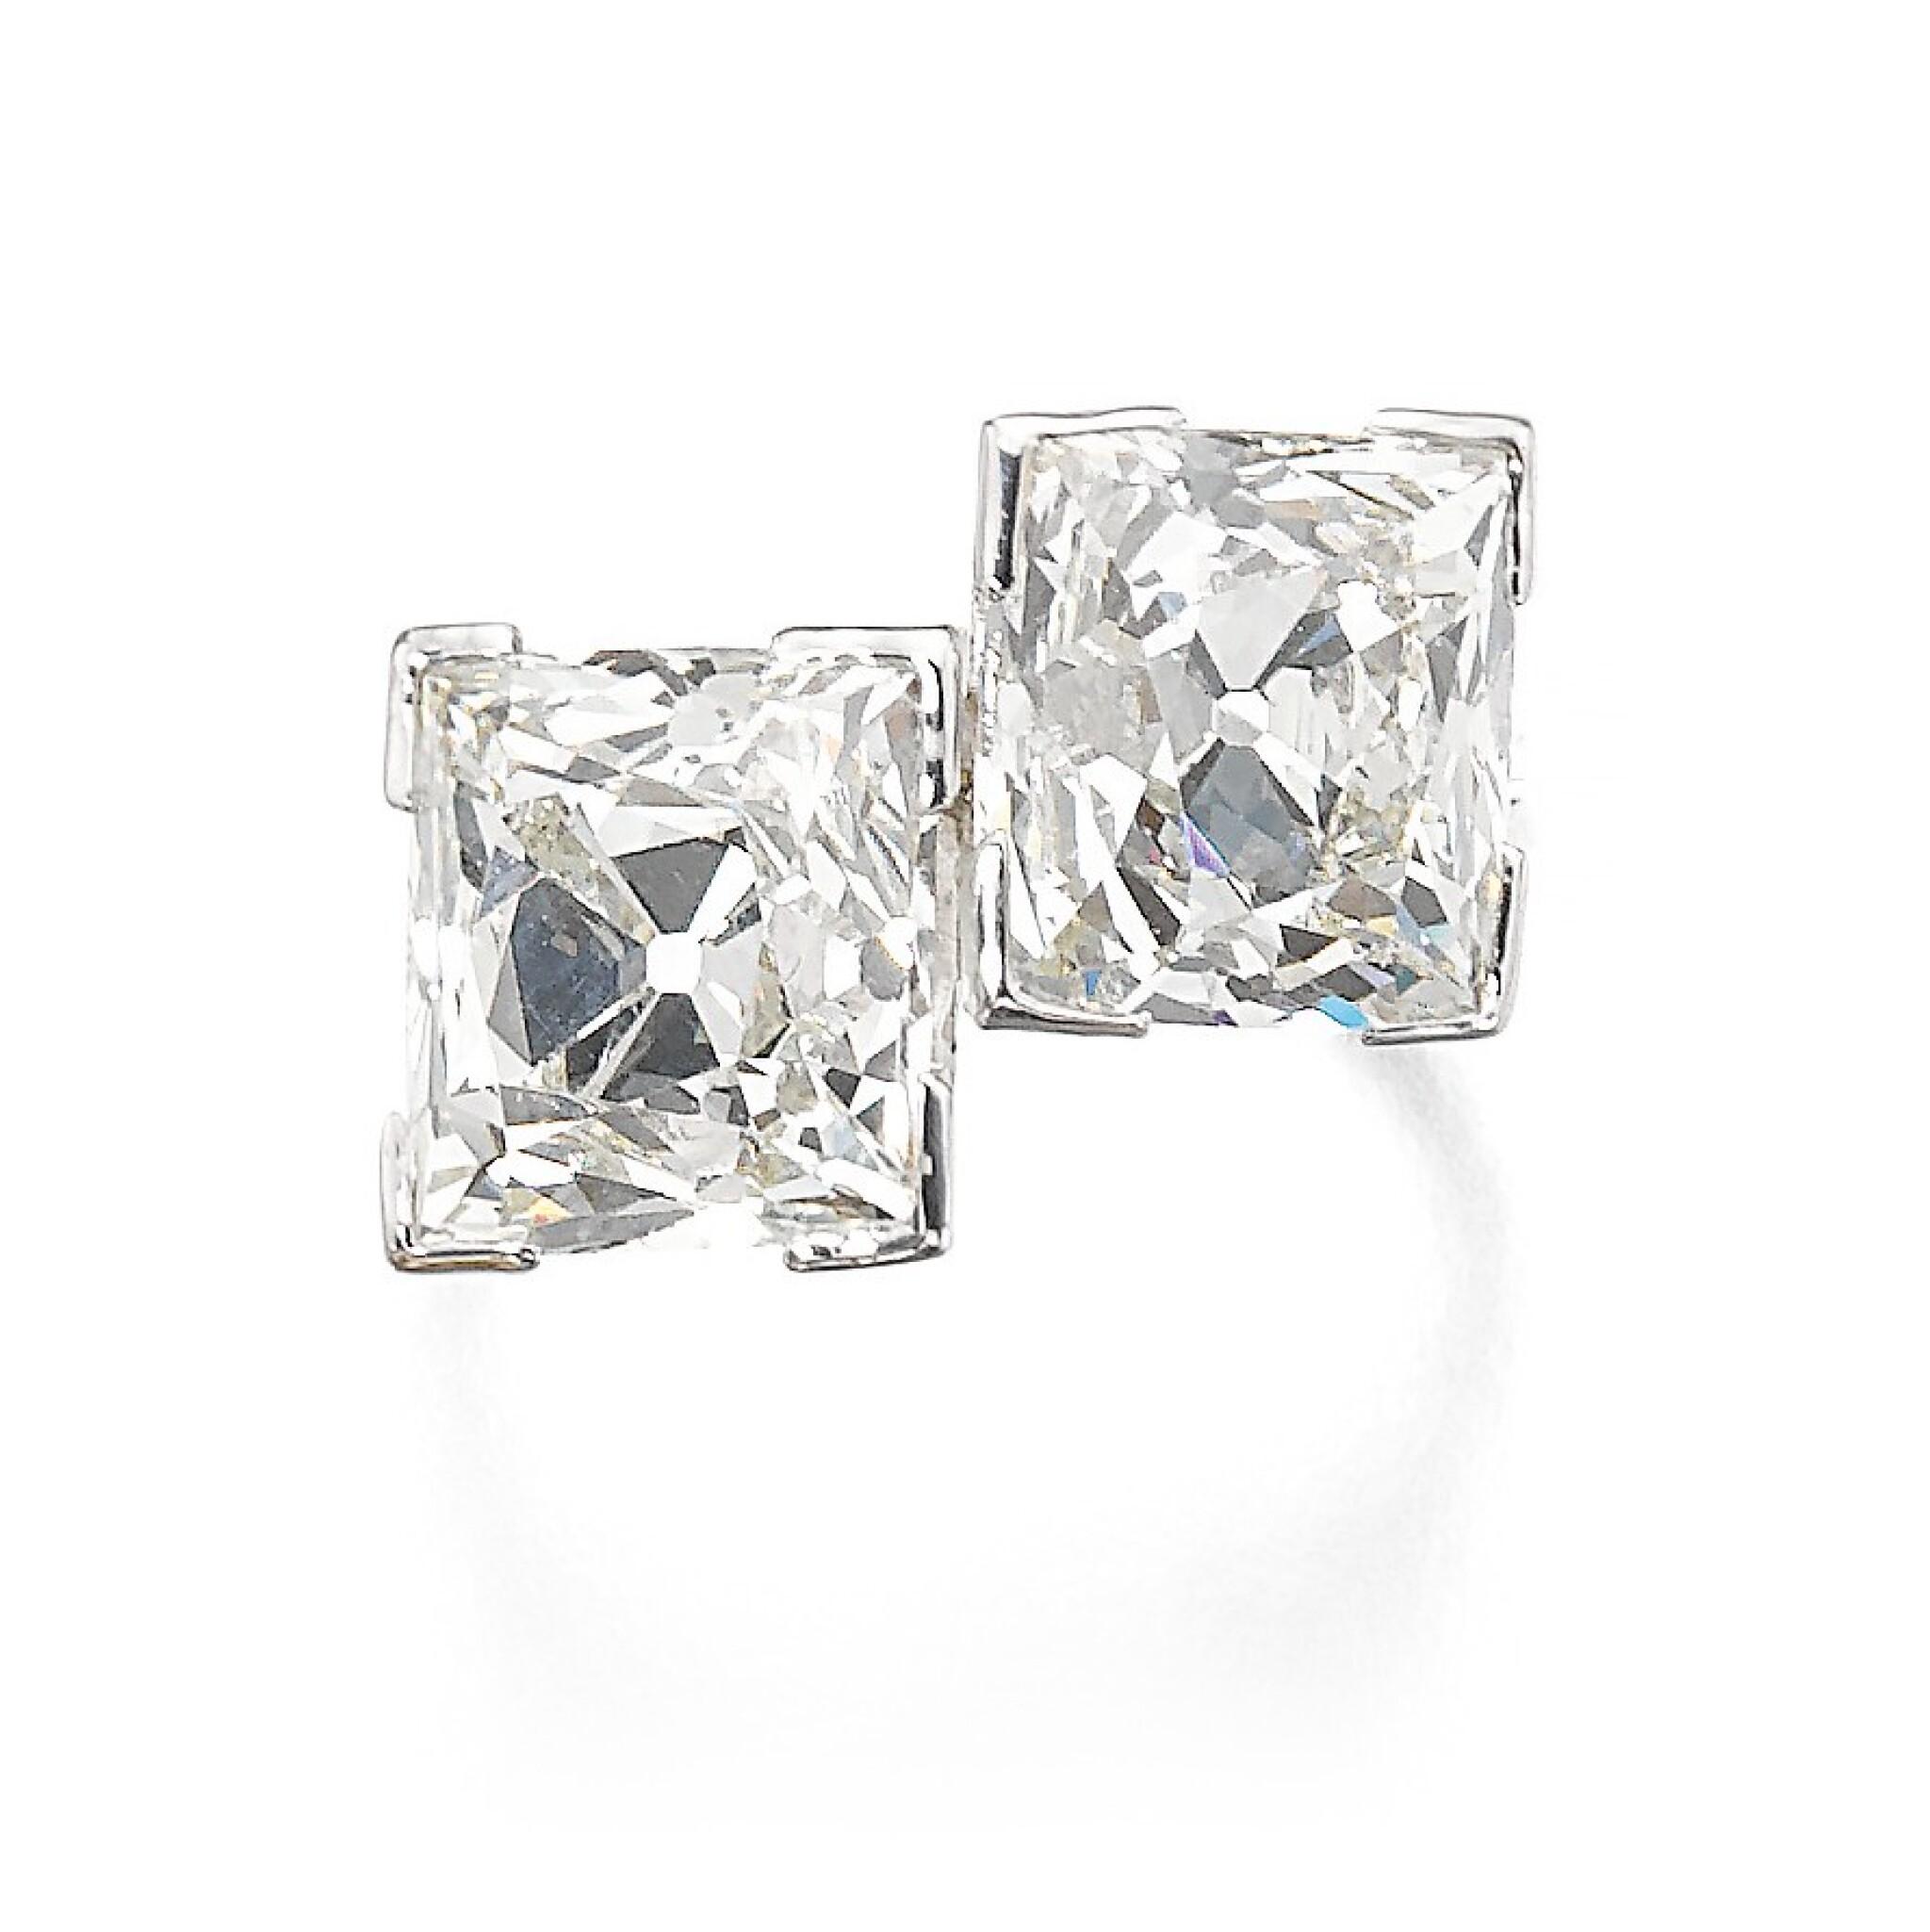 DIAMOND RING [鑽石戒指]